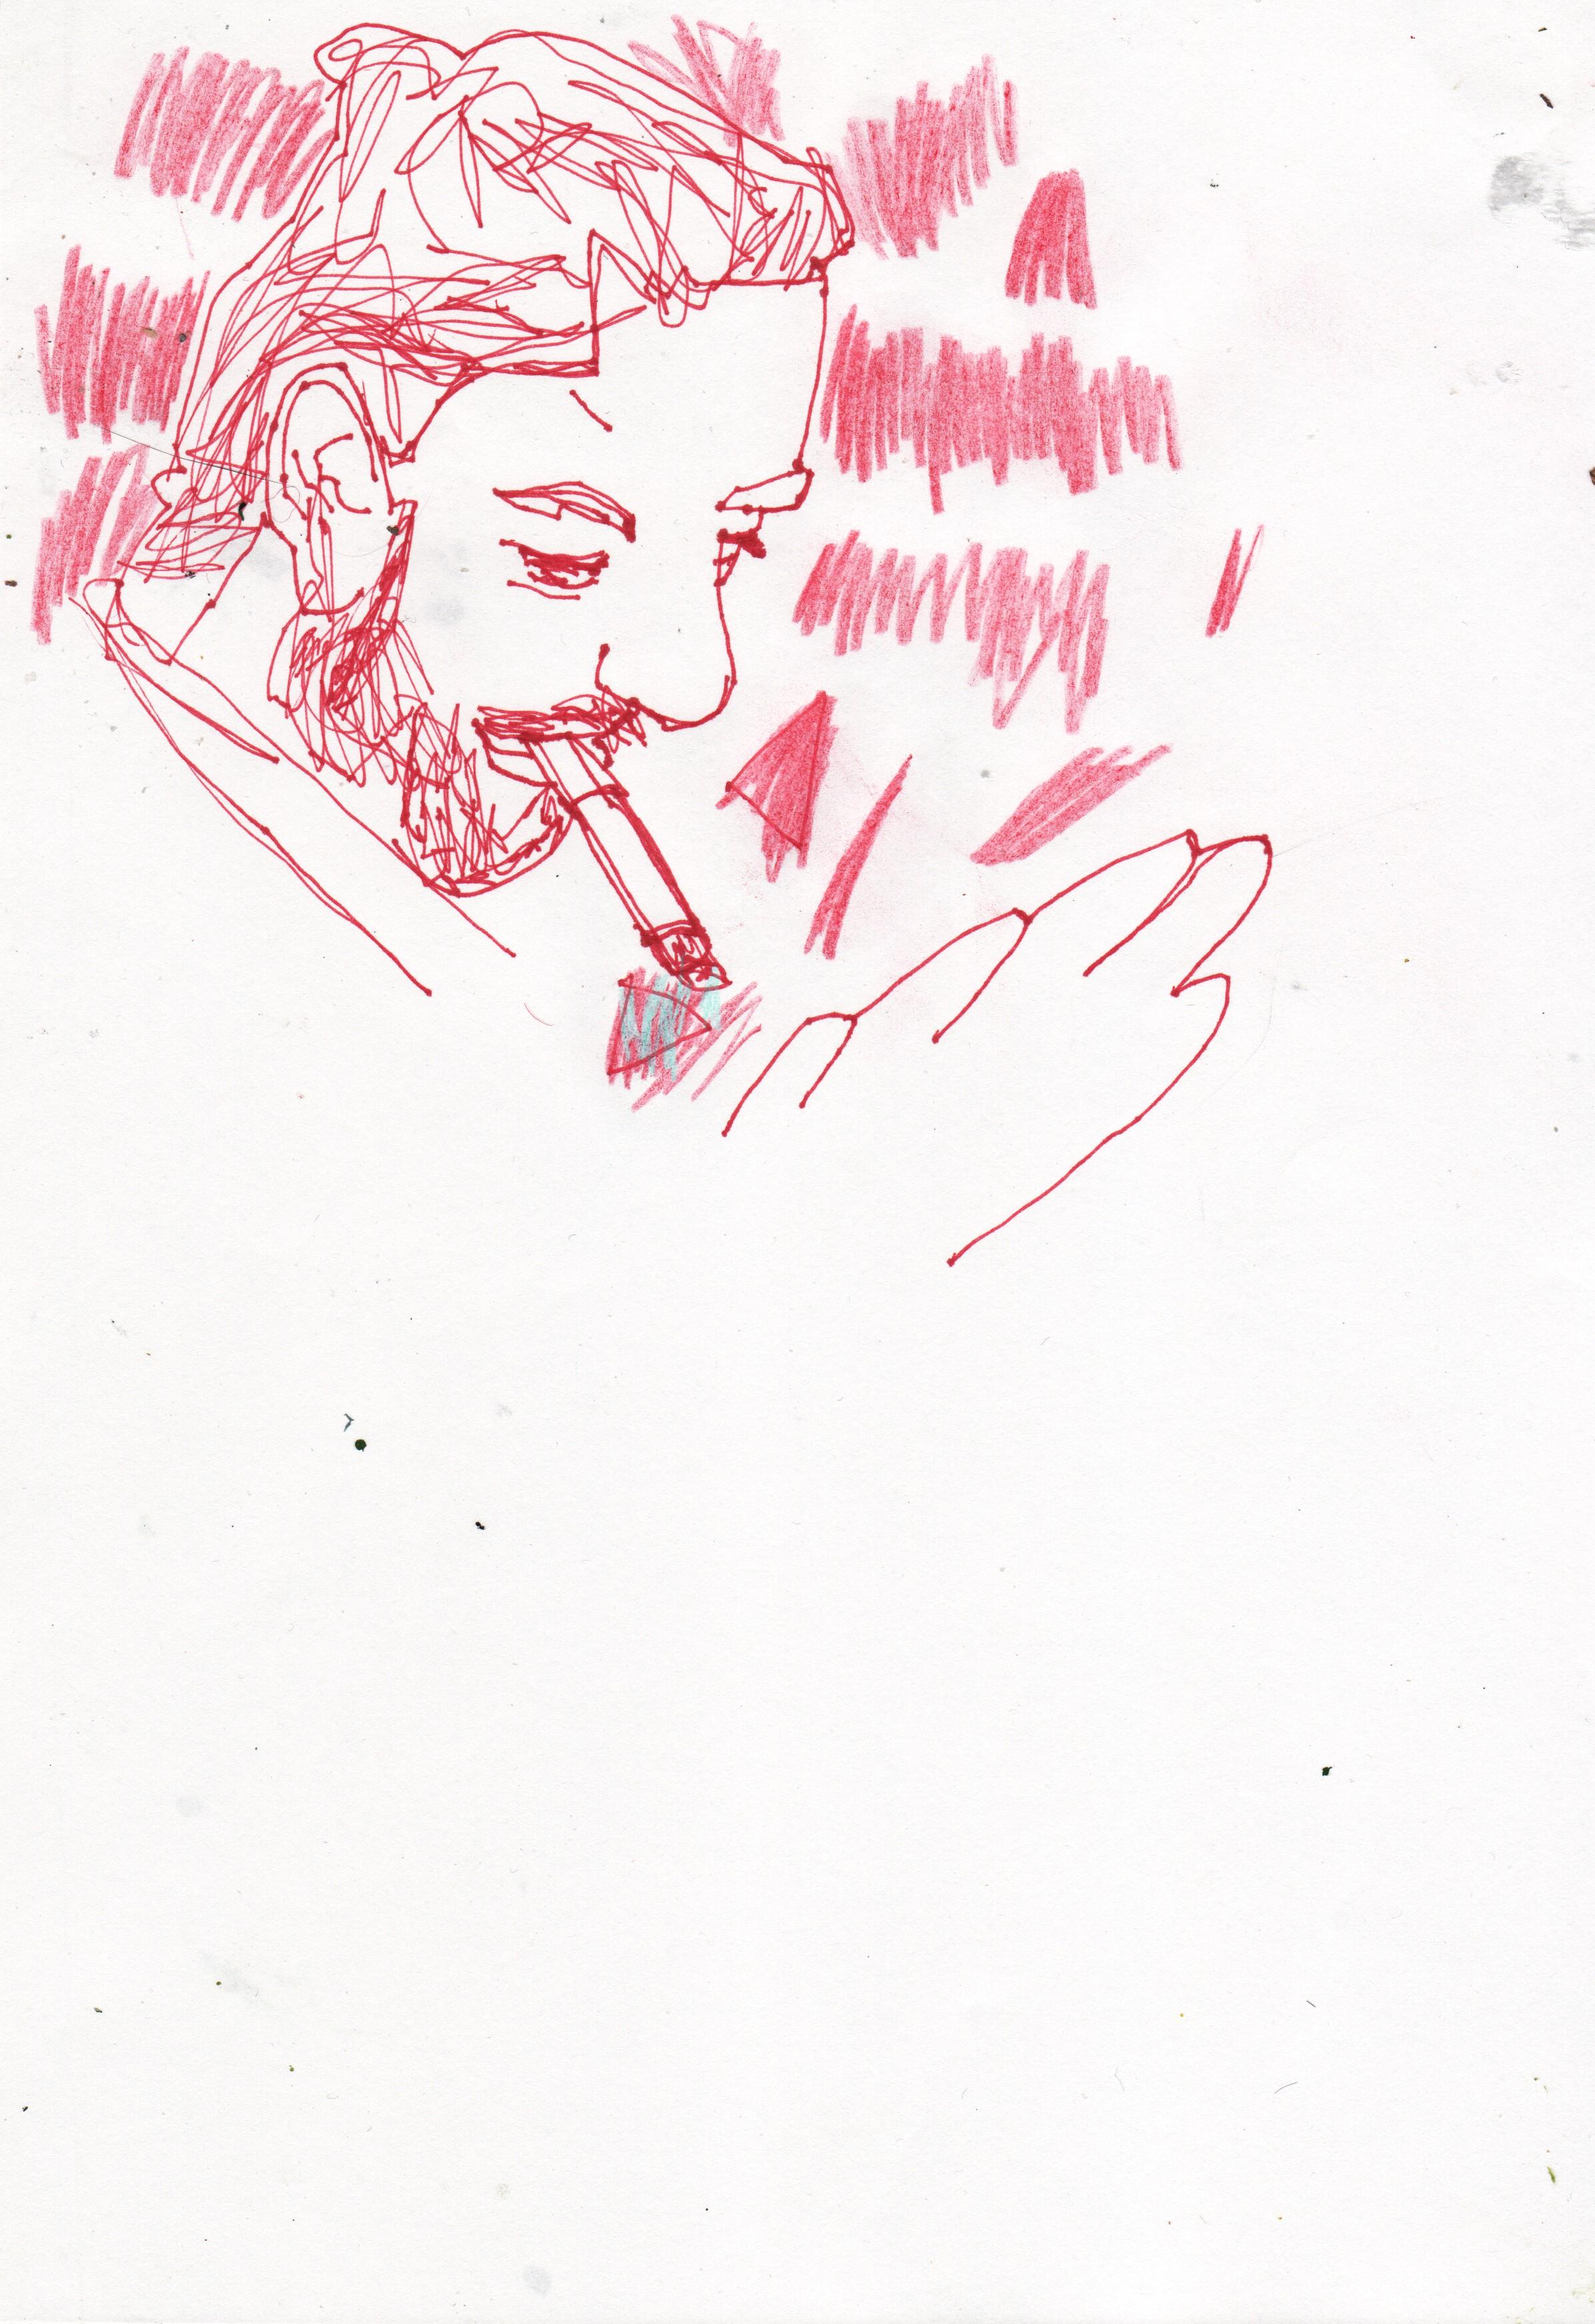 DJohnston Smoking